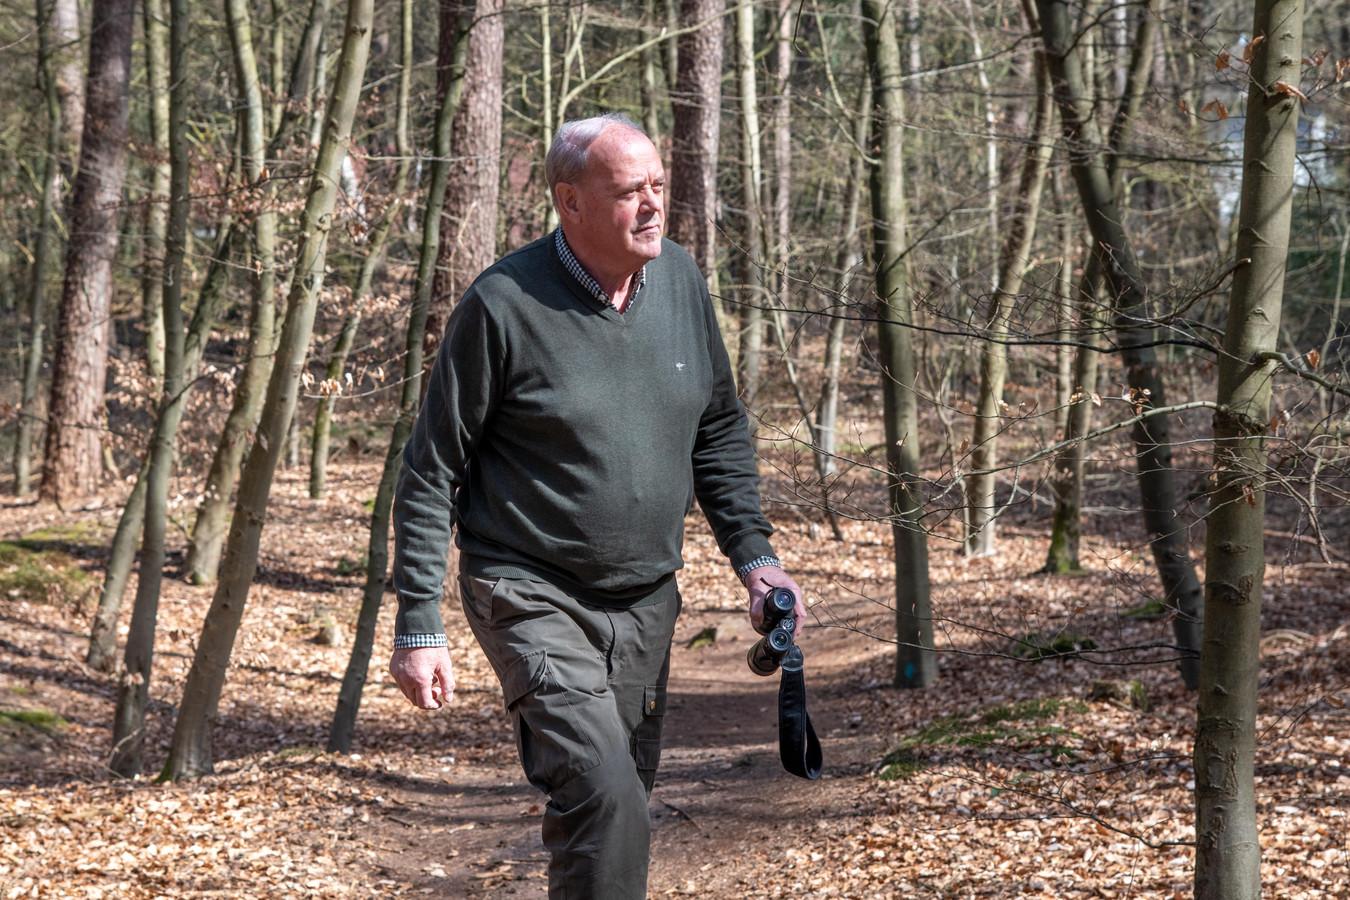 Henk Borsboom is in de omgeving van Nunspeet verantwoordelijk voor de controle van het afschot van grote hoefdieren.